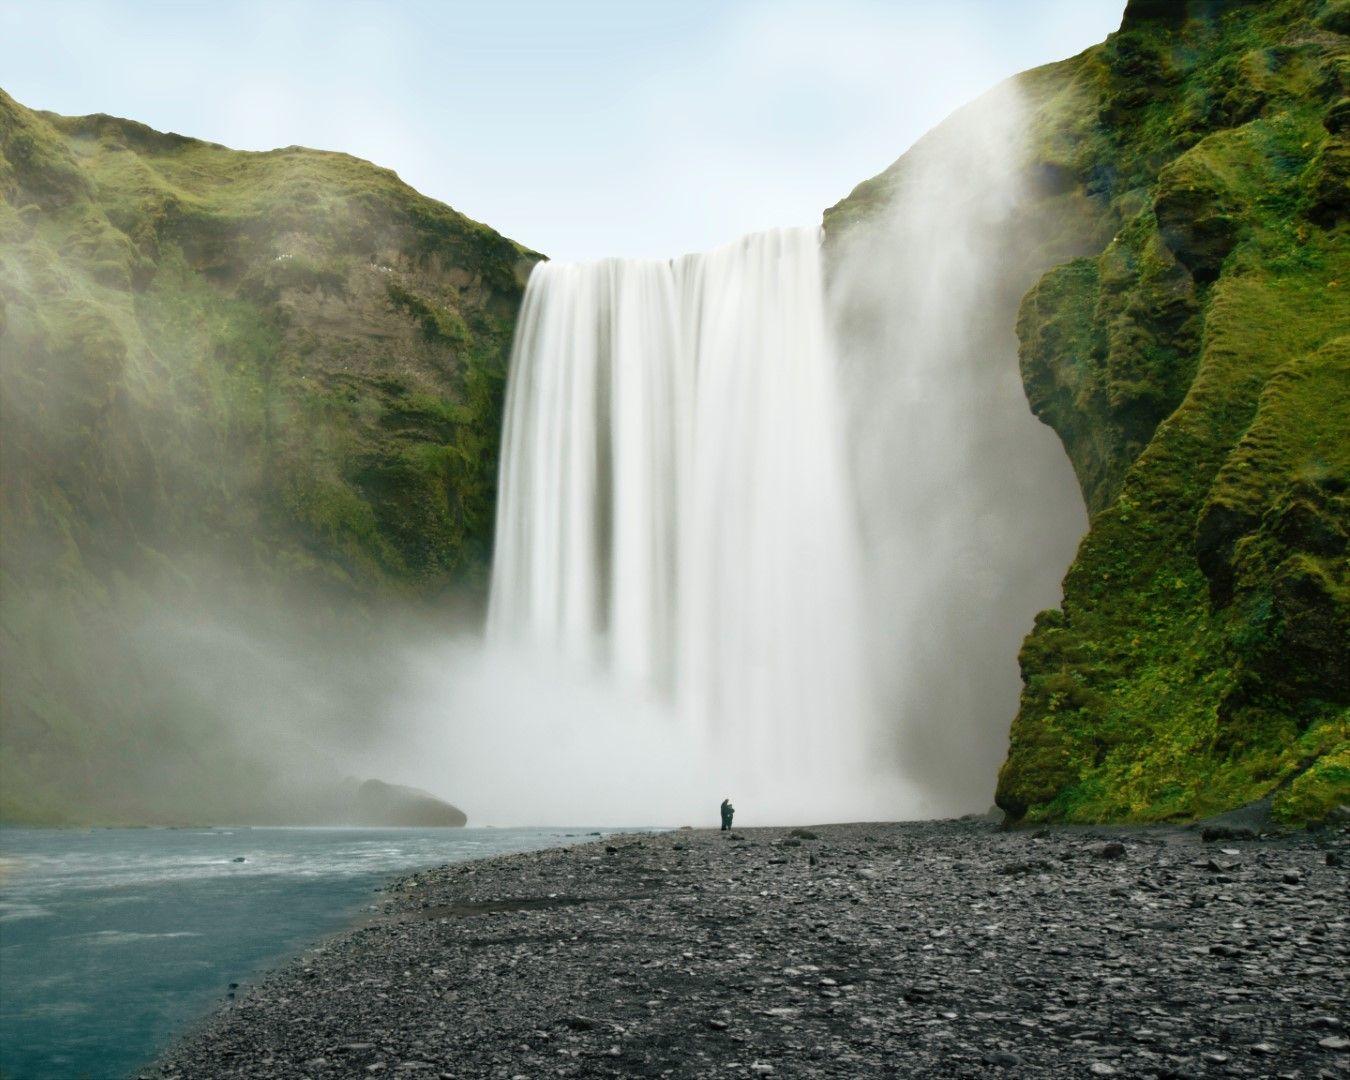 Човек на фона на водопад Скогафос в Исландия.